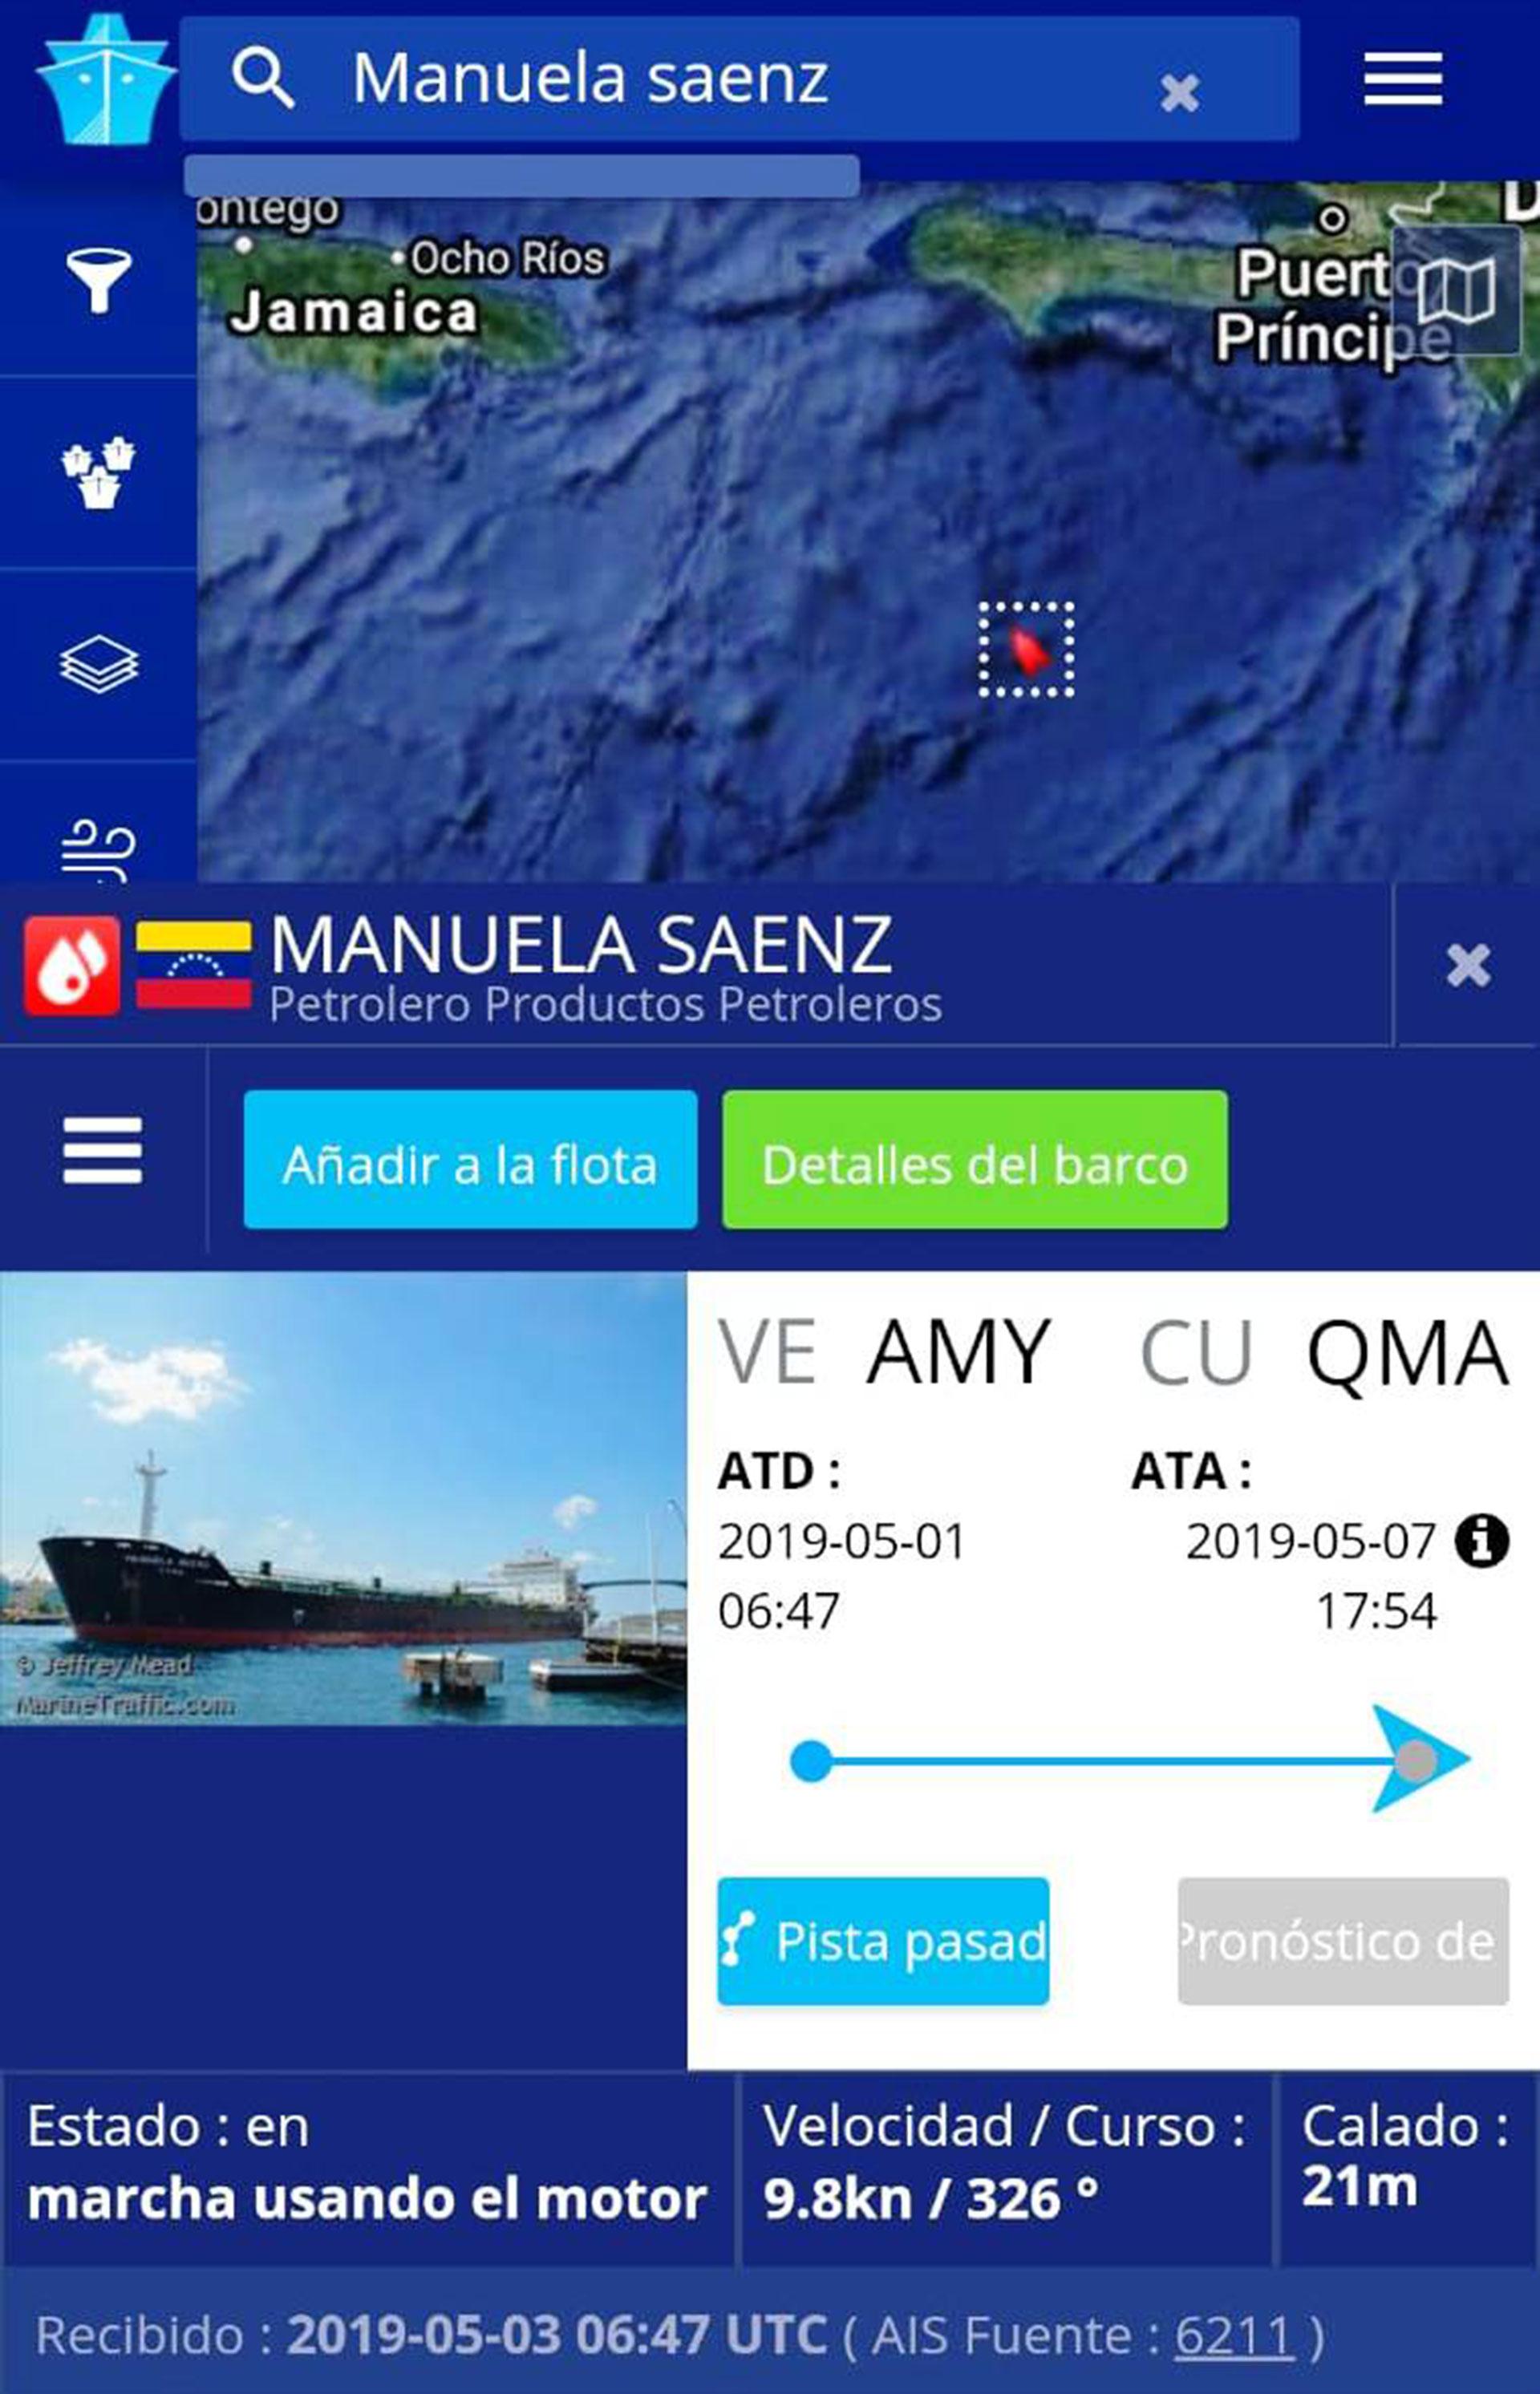 El Manuela Sáenz partió a Cuba el 1 de mayo